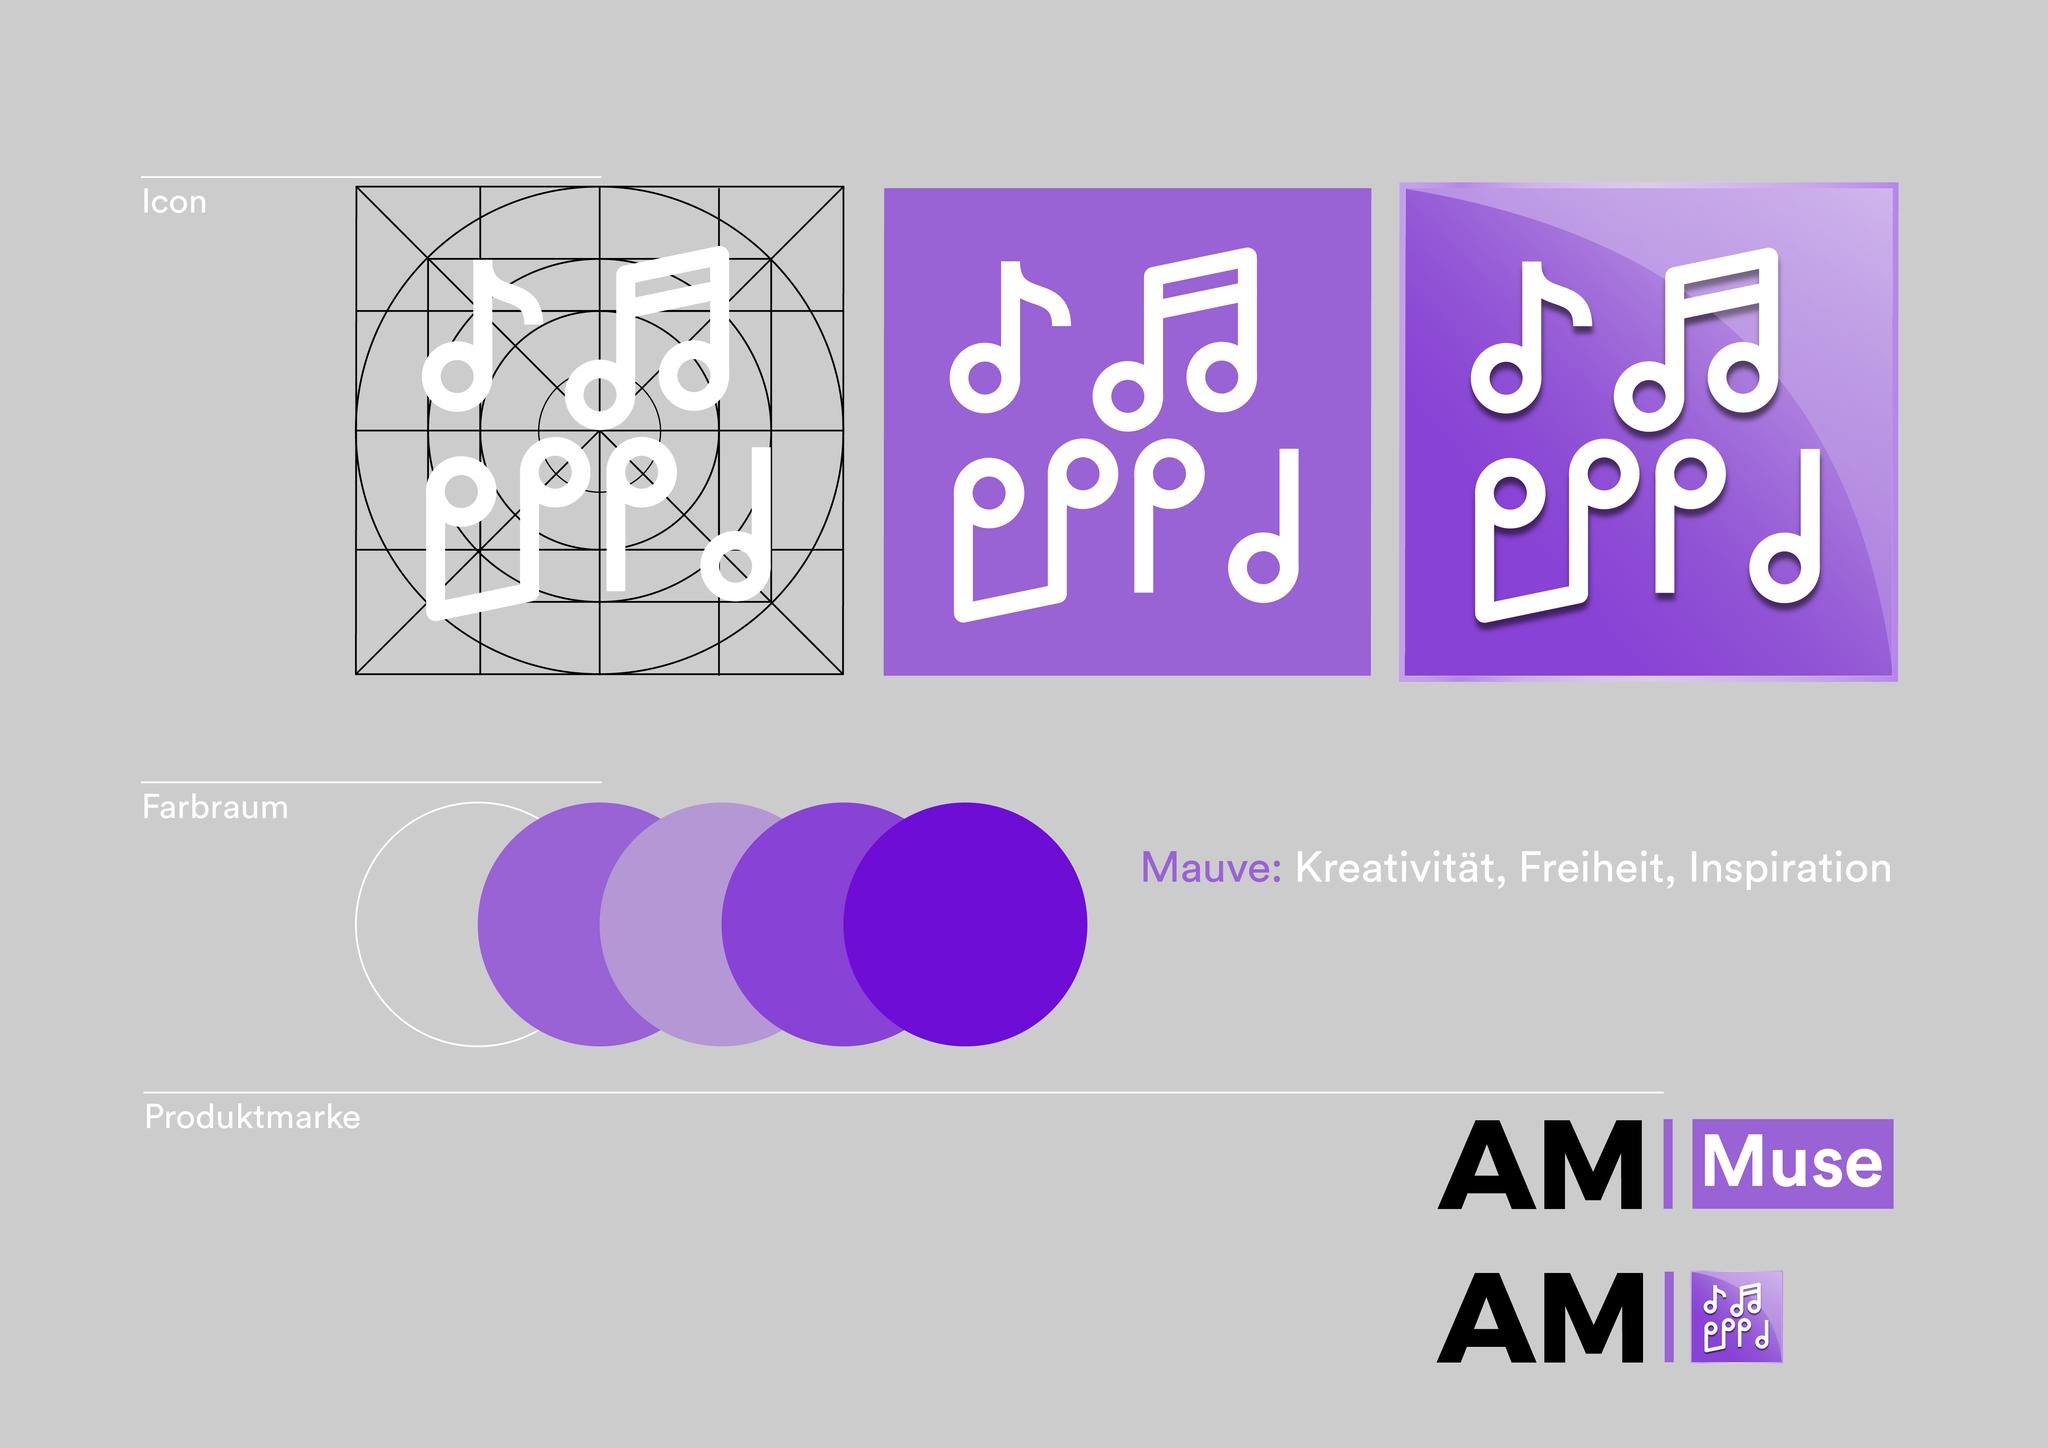 Produkt AM Muse